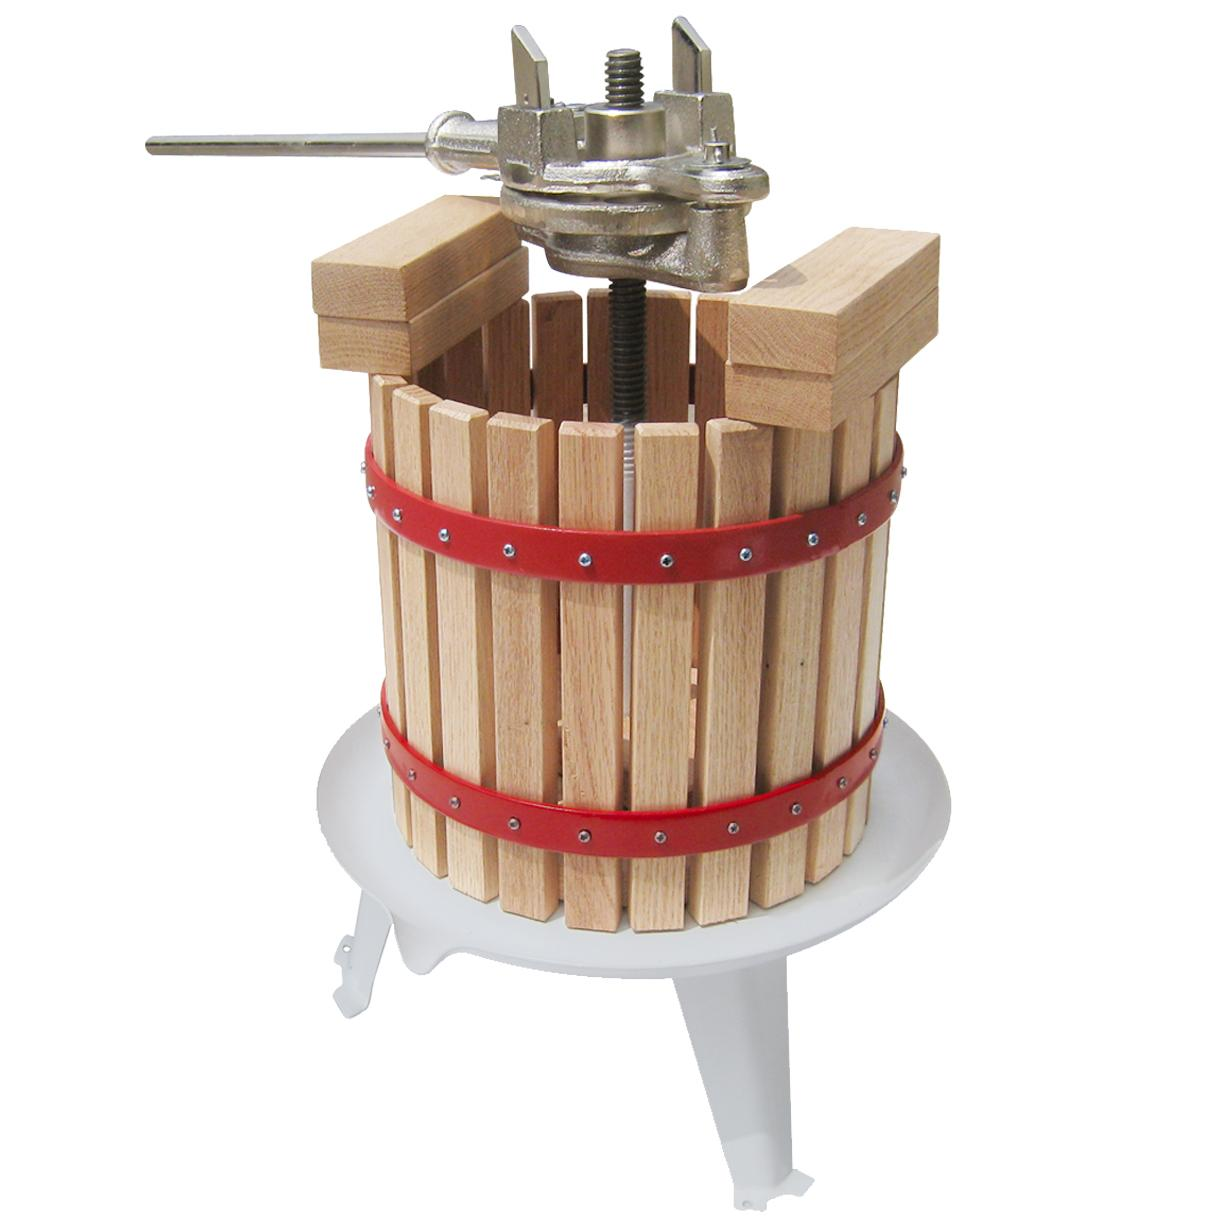 How to Build a Cider Press - DIY 54